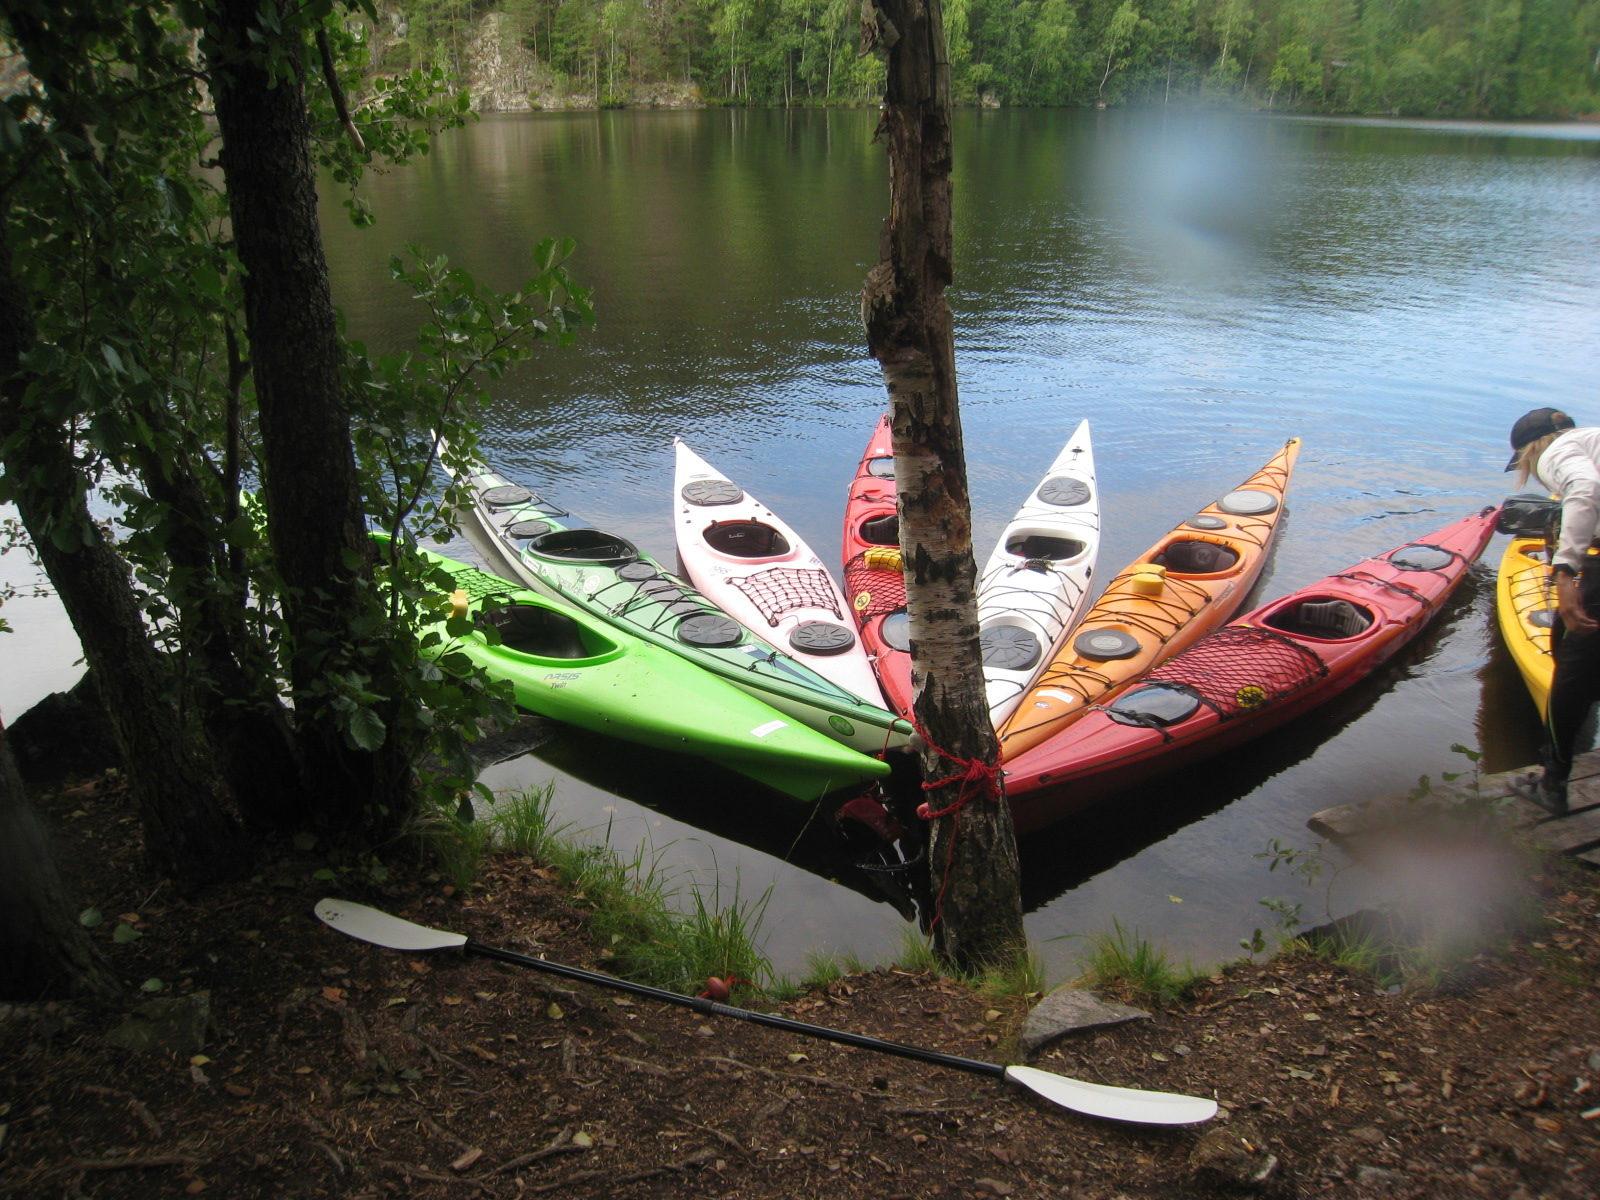 Vuokravälineet, kajakit, kanootit, Sup-laudat ja retkeilyvarusteet